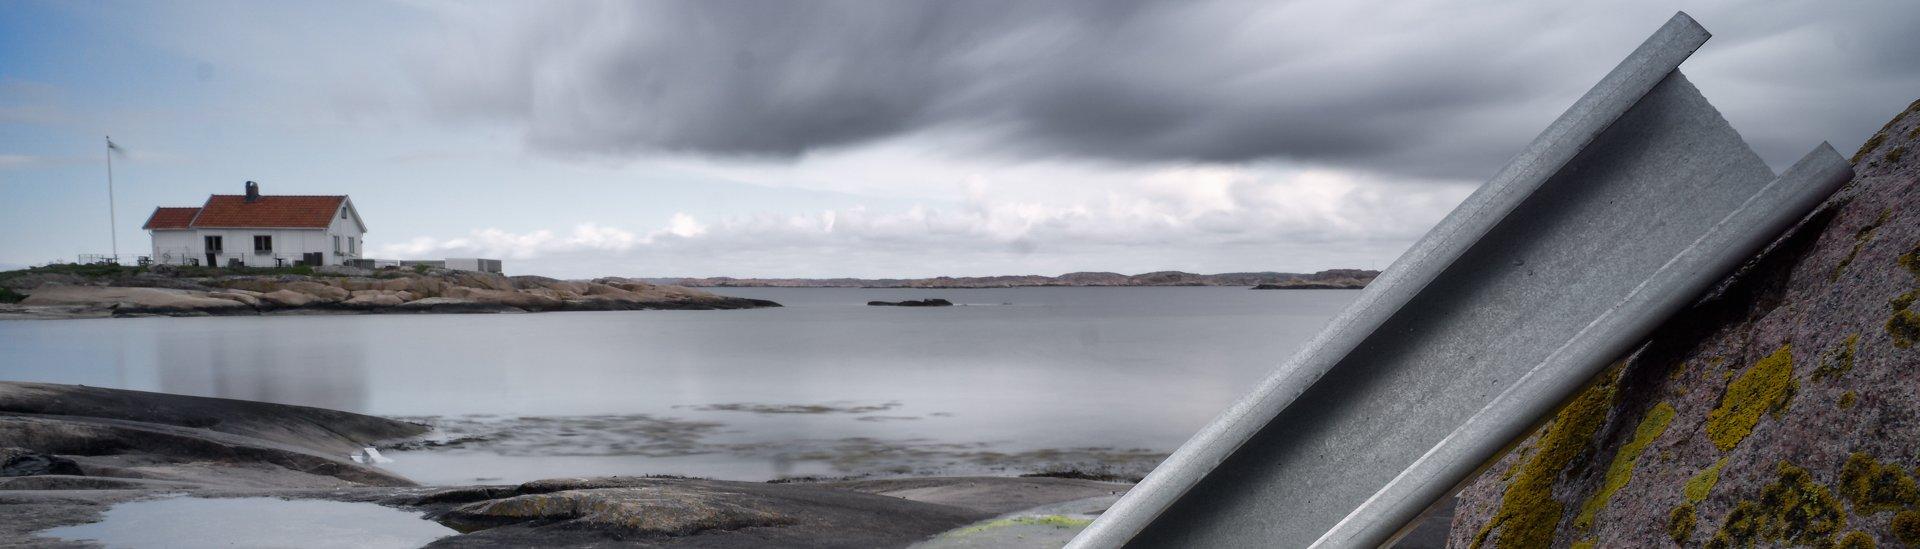 Ocelový profil LLENTAB u domu na břehu